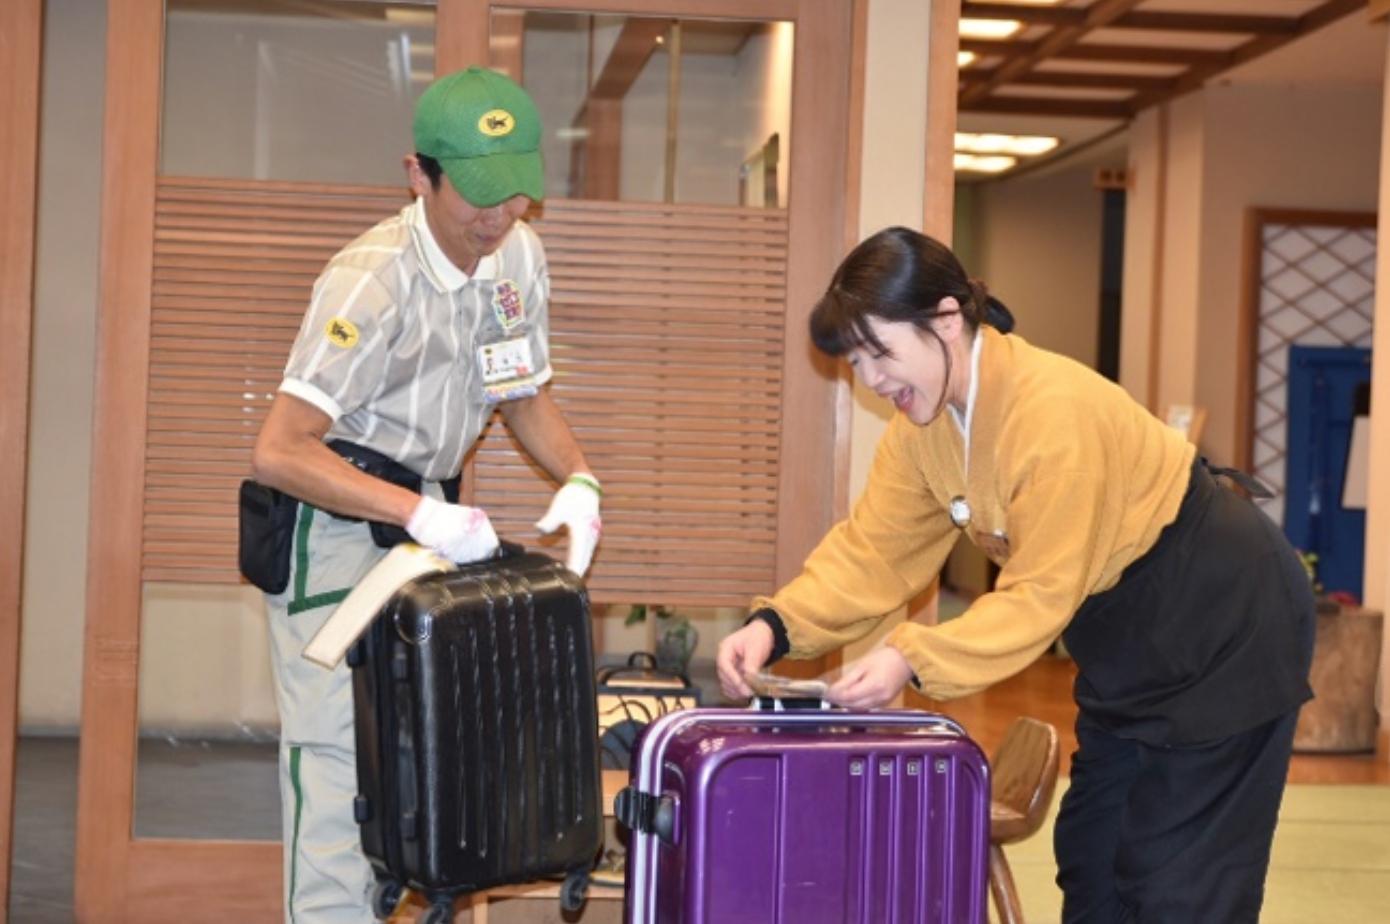 渋川市やヤマト運輸等が連携、群馬県初の「手ぶら観光サービス」の実証実験をスタート